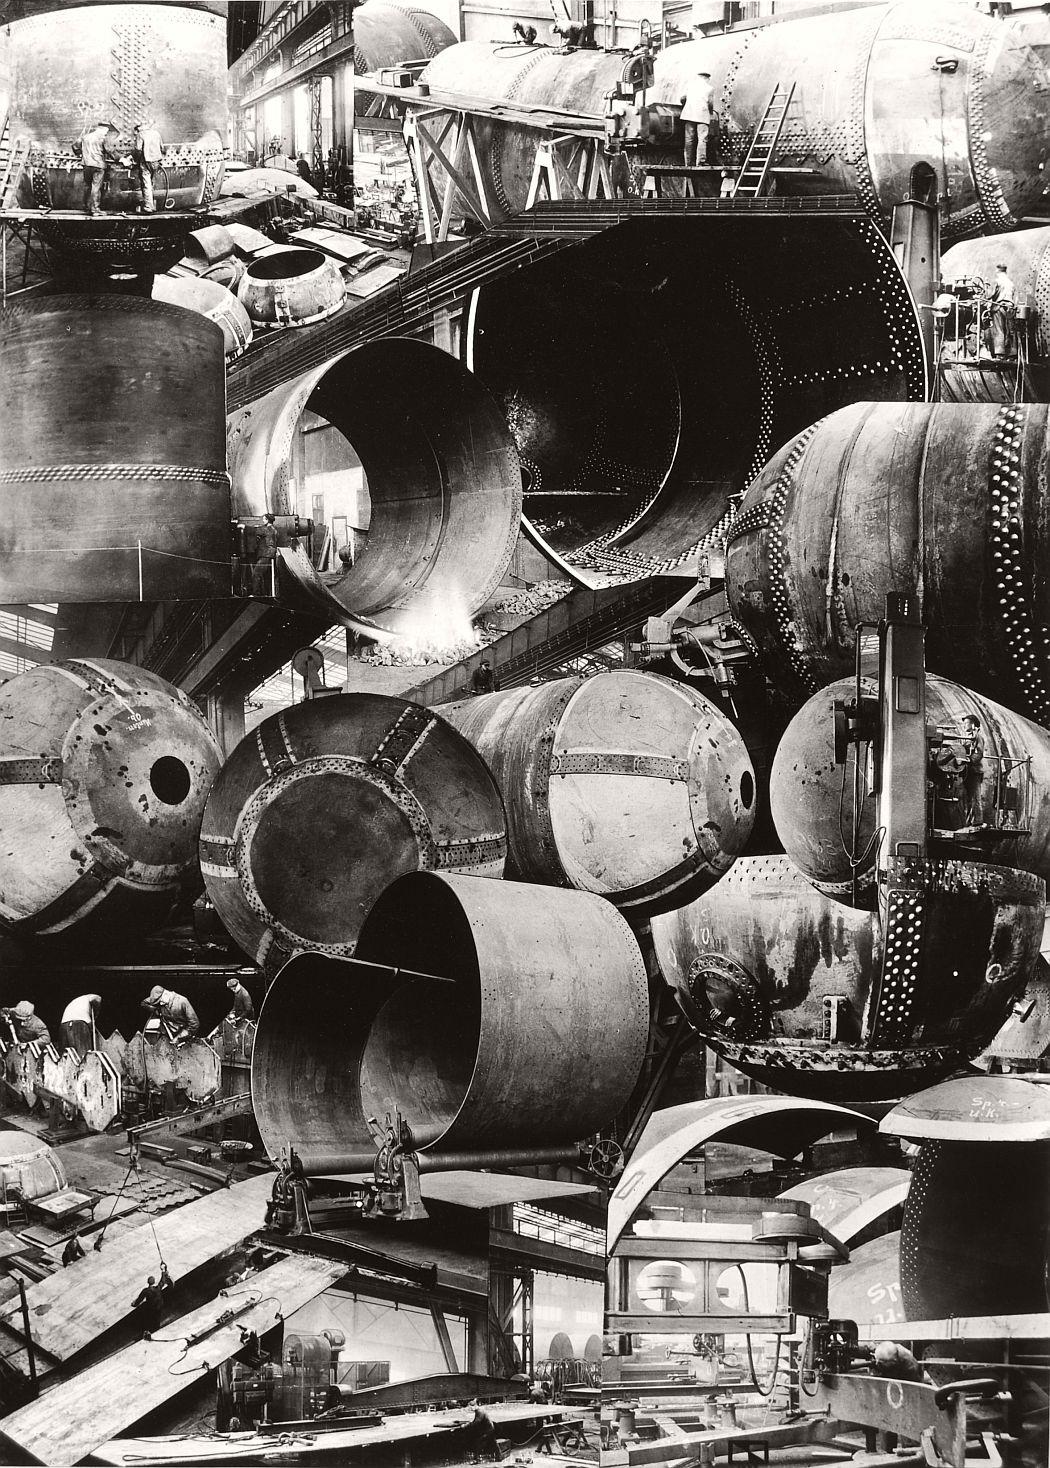 Cesar Domela Ruths-Speicher, photomontage, 1928